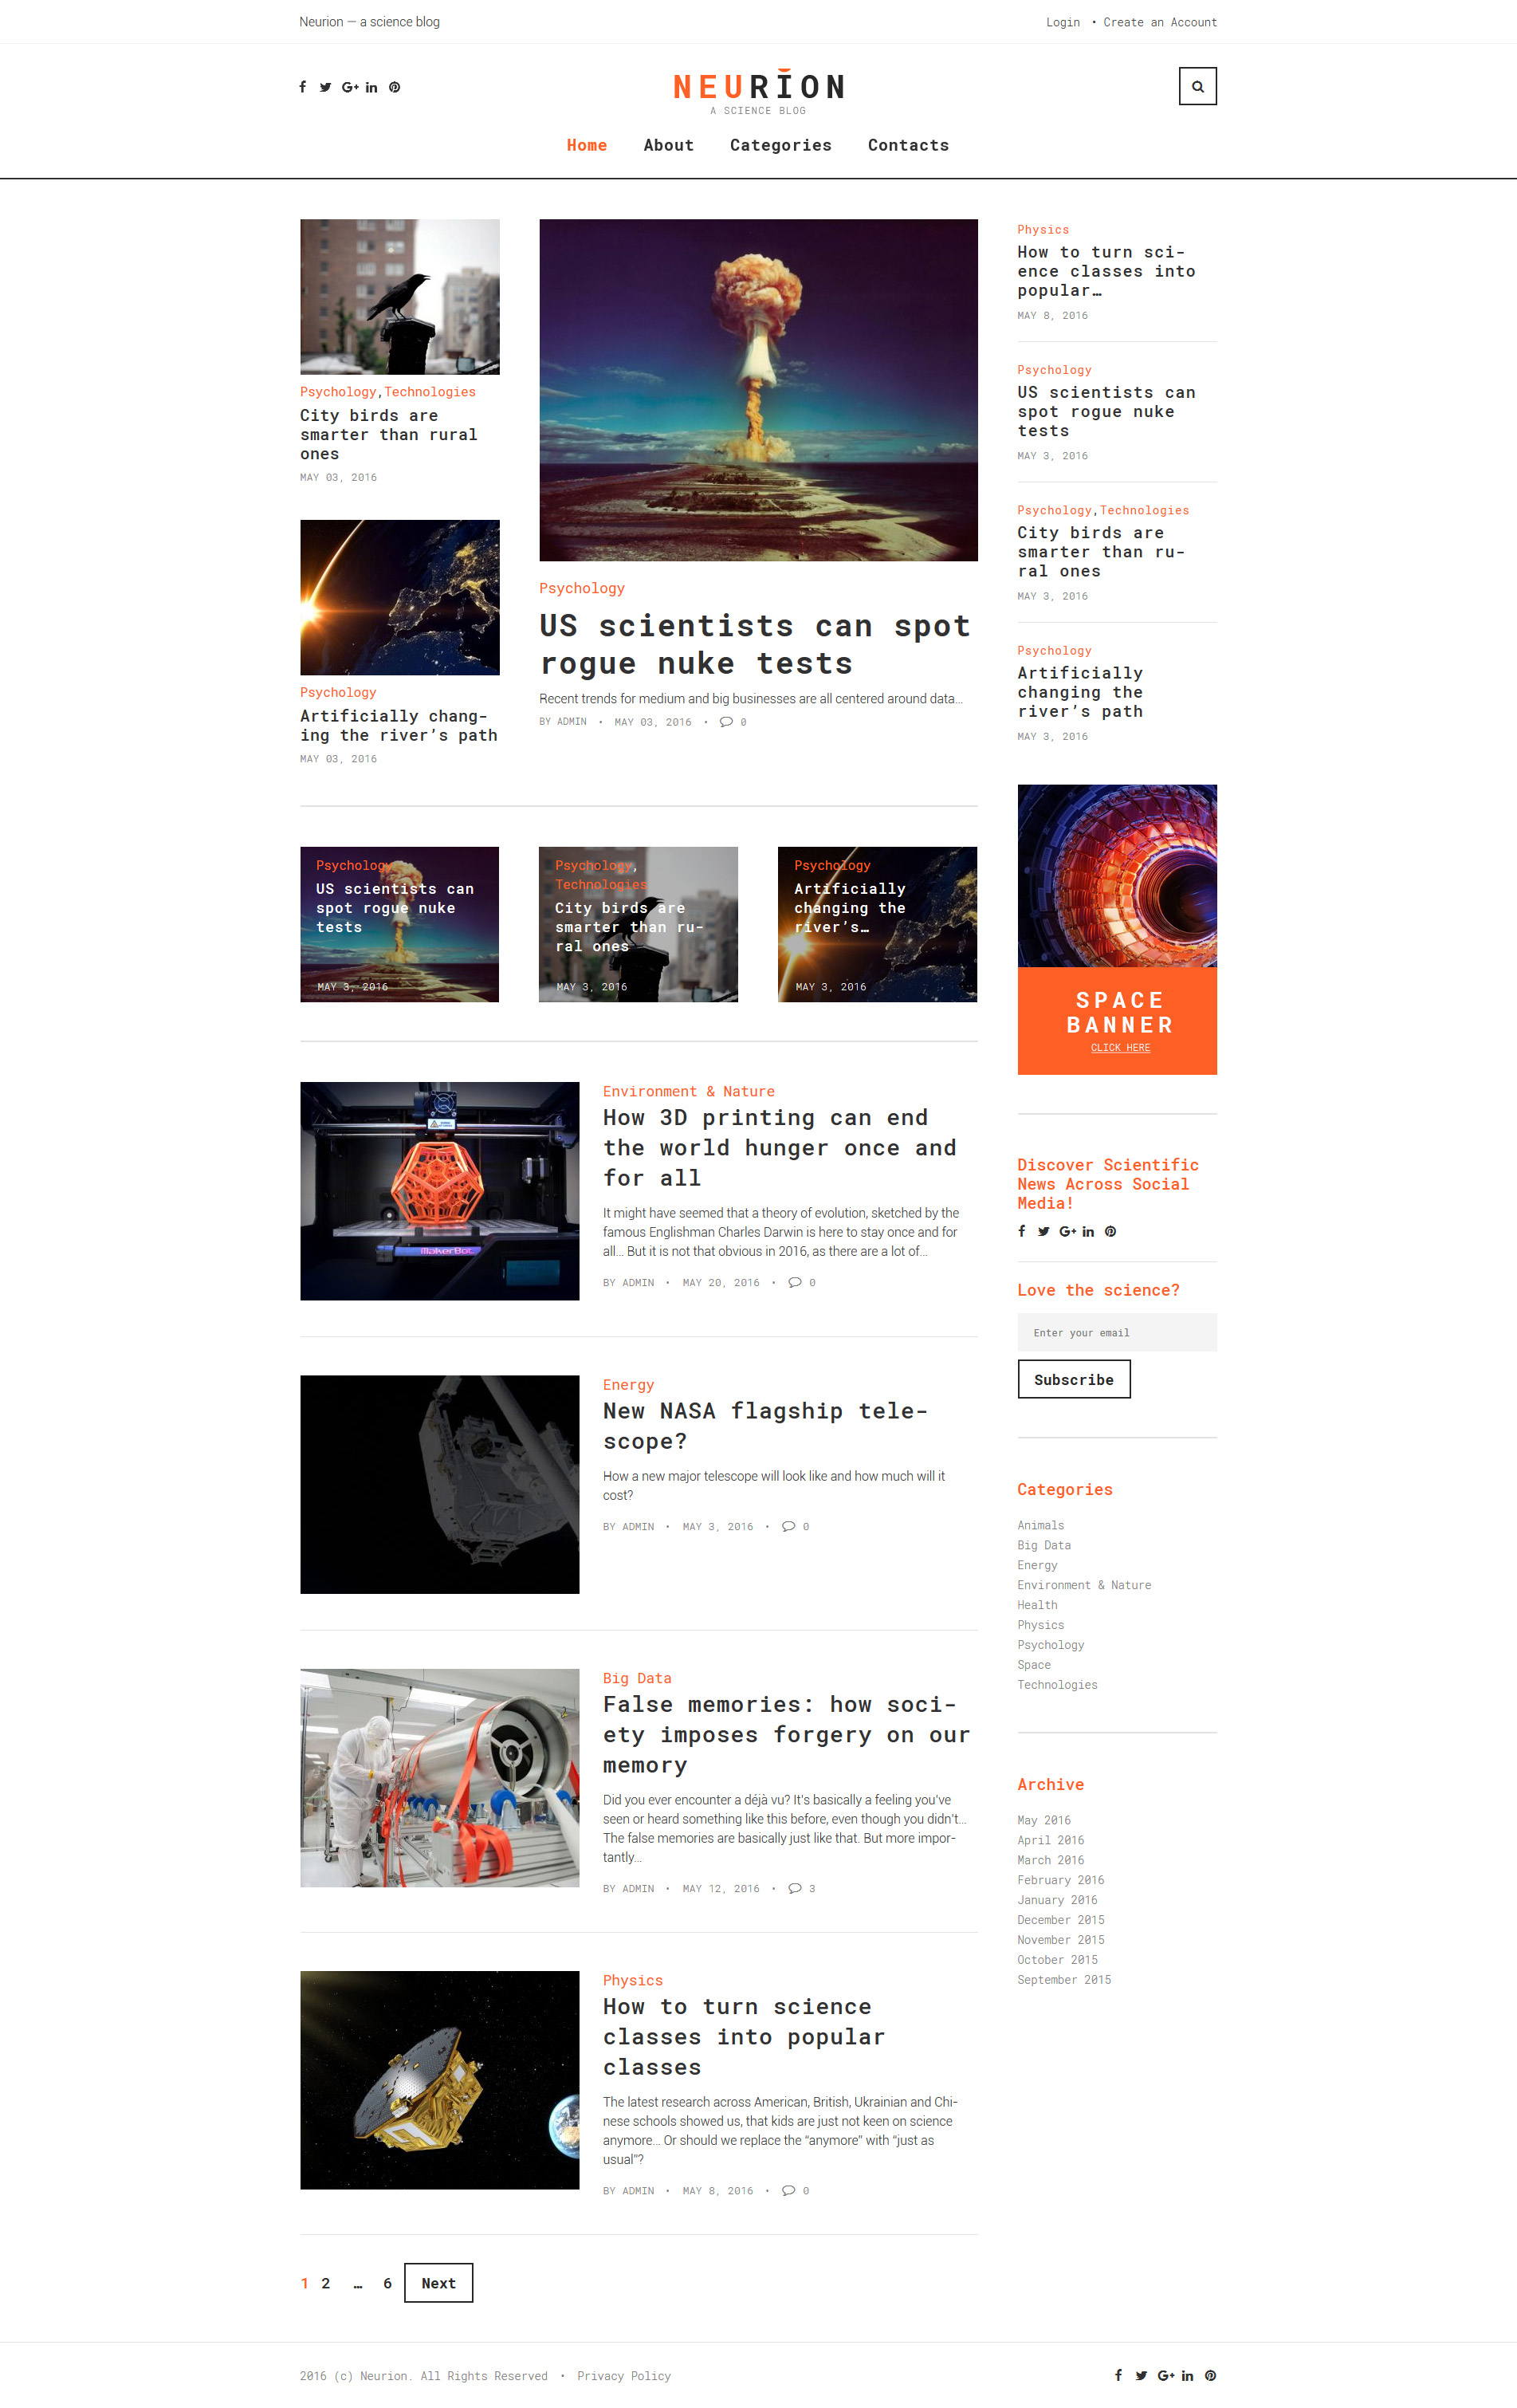 Szablony stron HTML